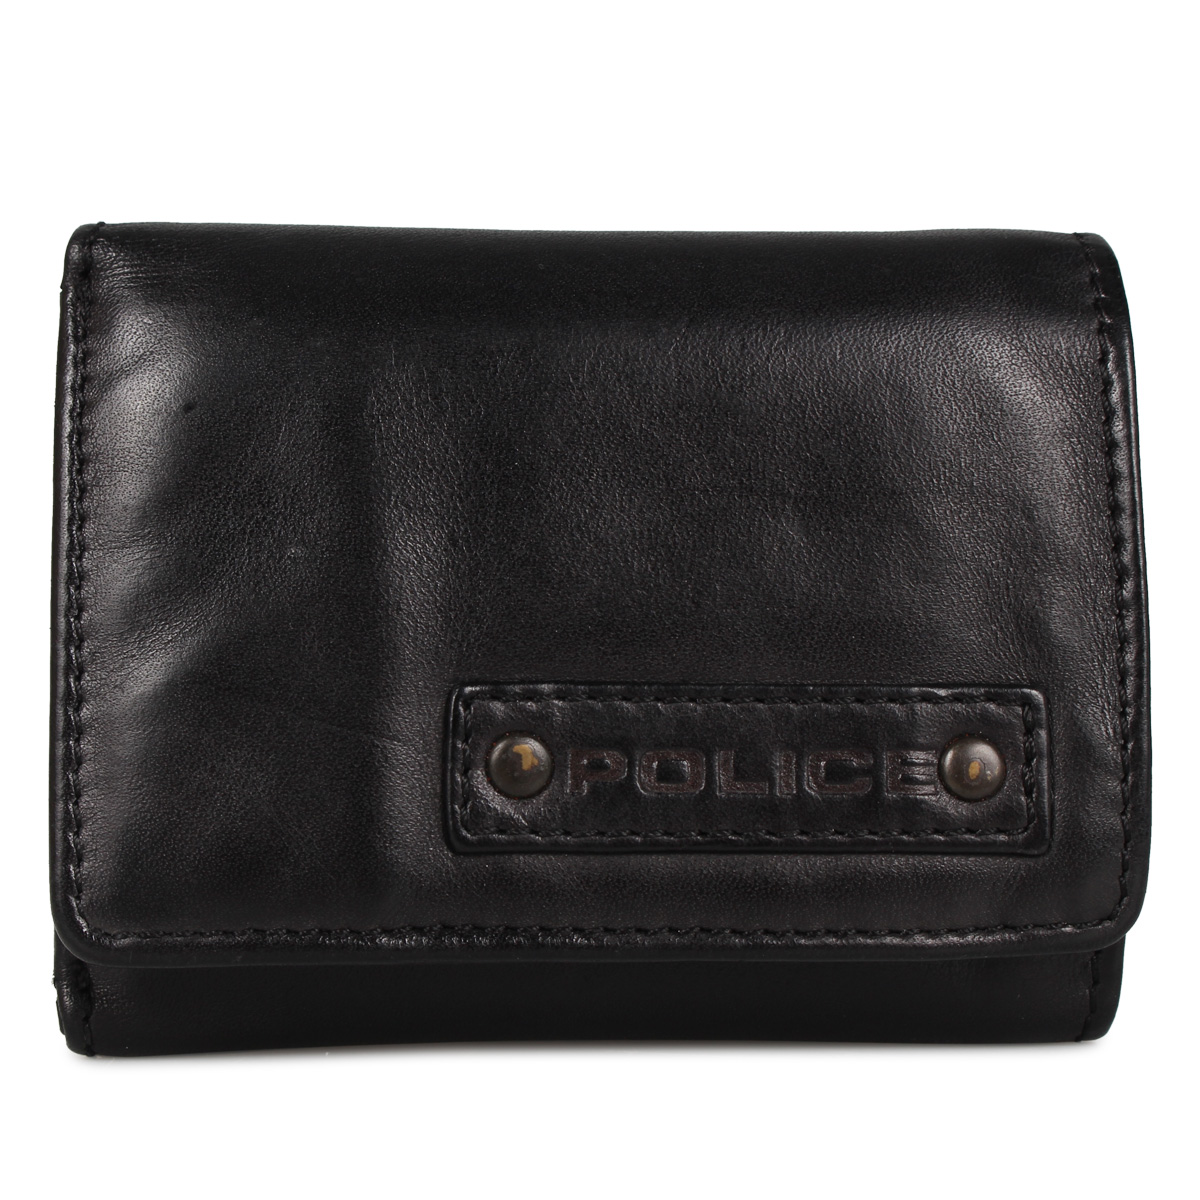 POLICE LAVARE WALLET ポリス 財布 二つ折り メンズ ラヴァーレ ブラック ネイビー キャメル 黒 PA-59605